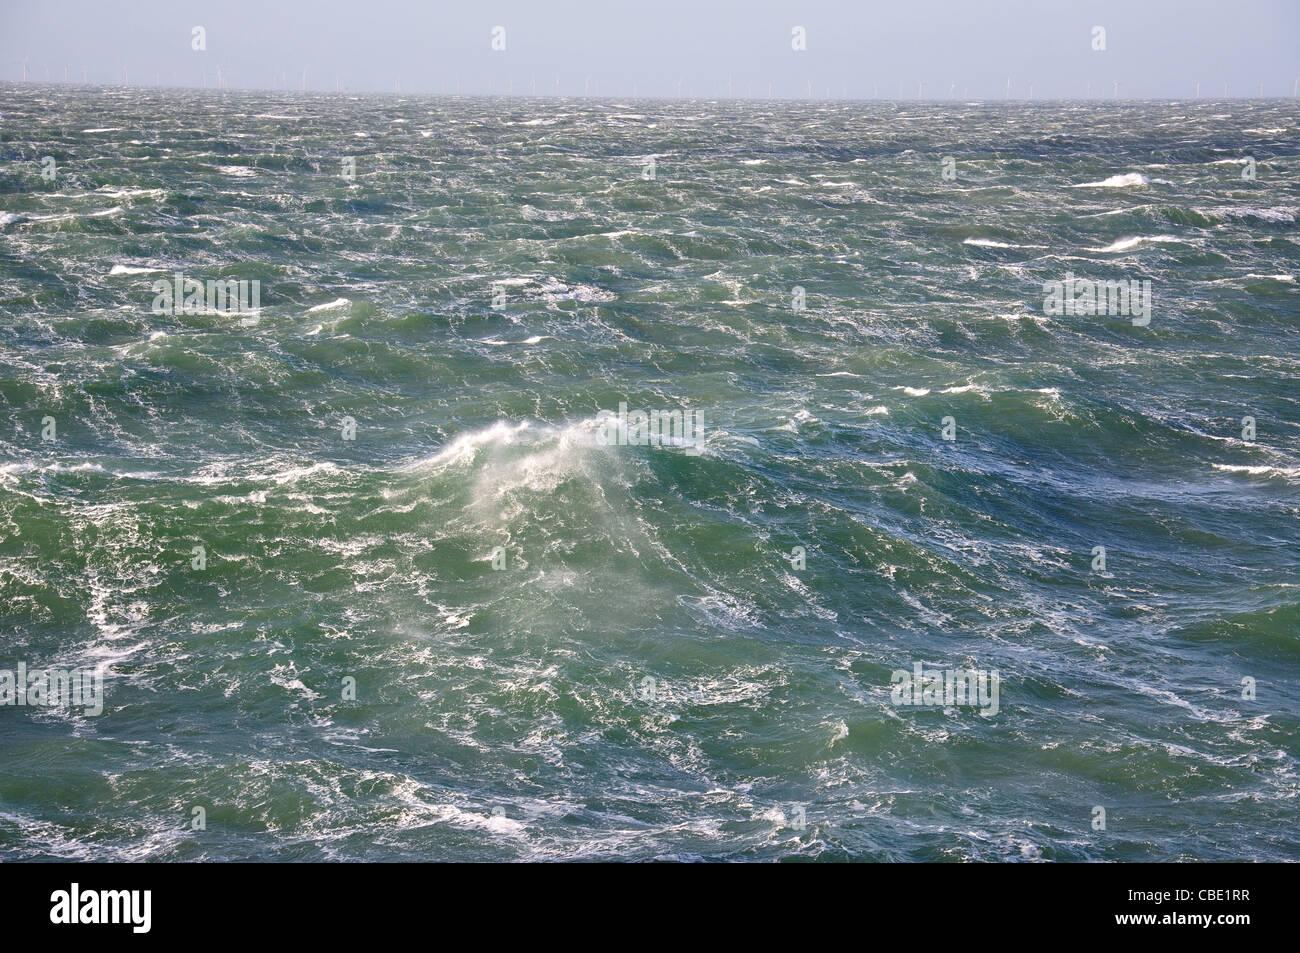 Mare mosso e spray, Mare del Nord Europa Immagini Stock